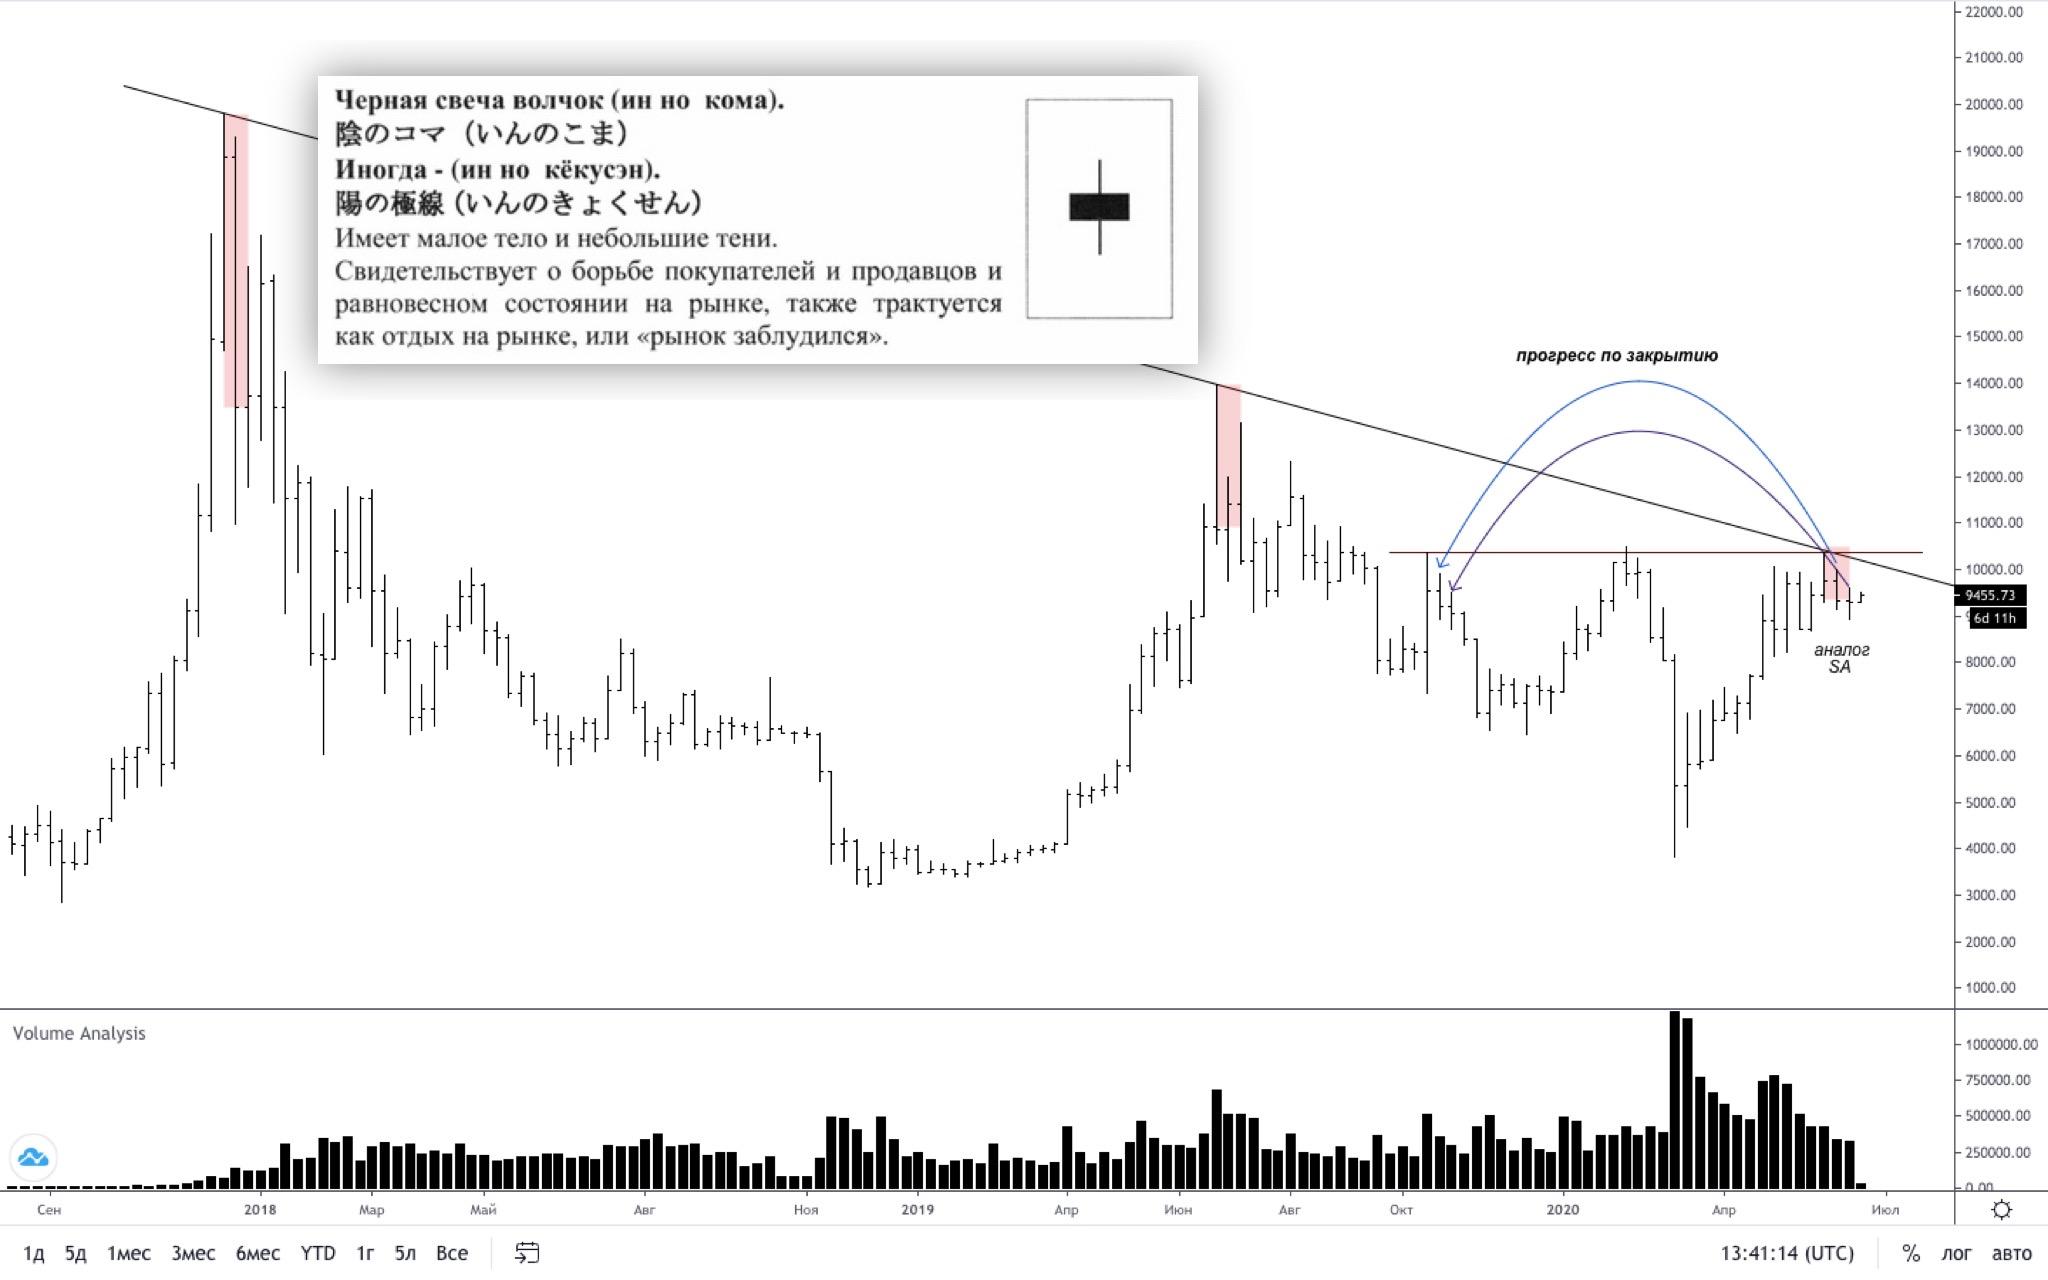 Трейдер рассказал о позитивной технической картине для роста цены биткоина